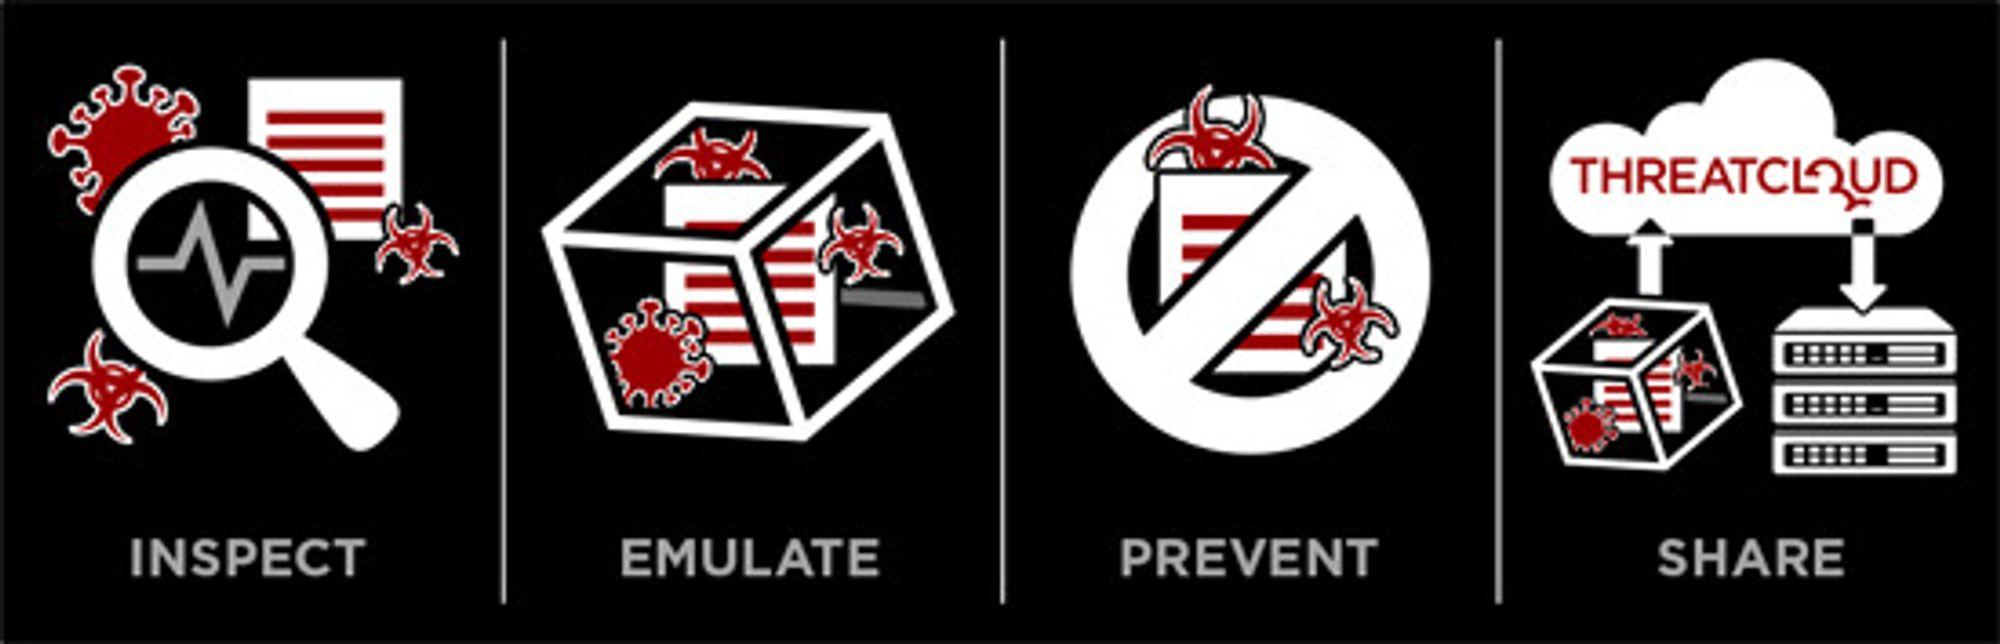 «Threat emulation» blir beskrevet som en firetrinnsmodell. Teknologien er et supplement - ikke en erstatning - for reaktive metoder som antivirus.